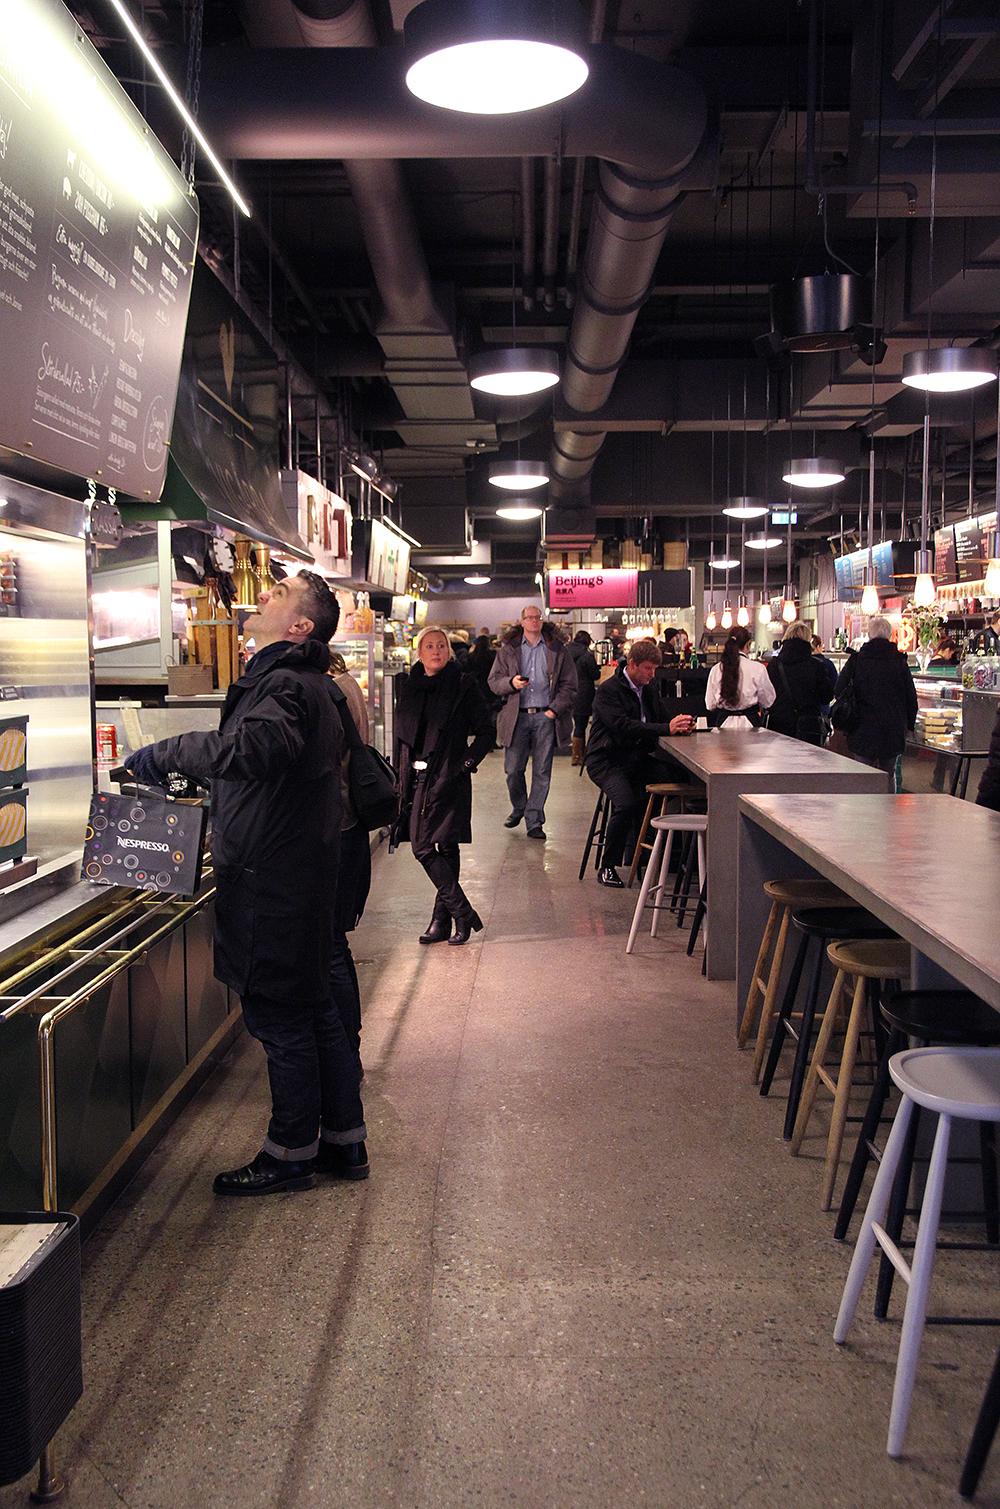 k25 tukholma stockholm restaurant visit sweden blogger lunch food